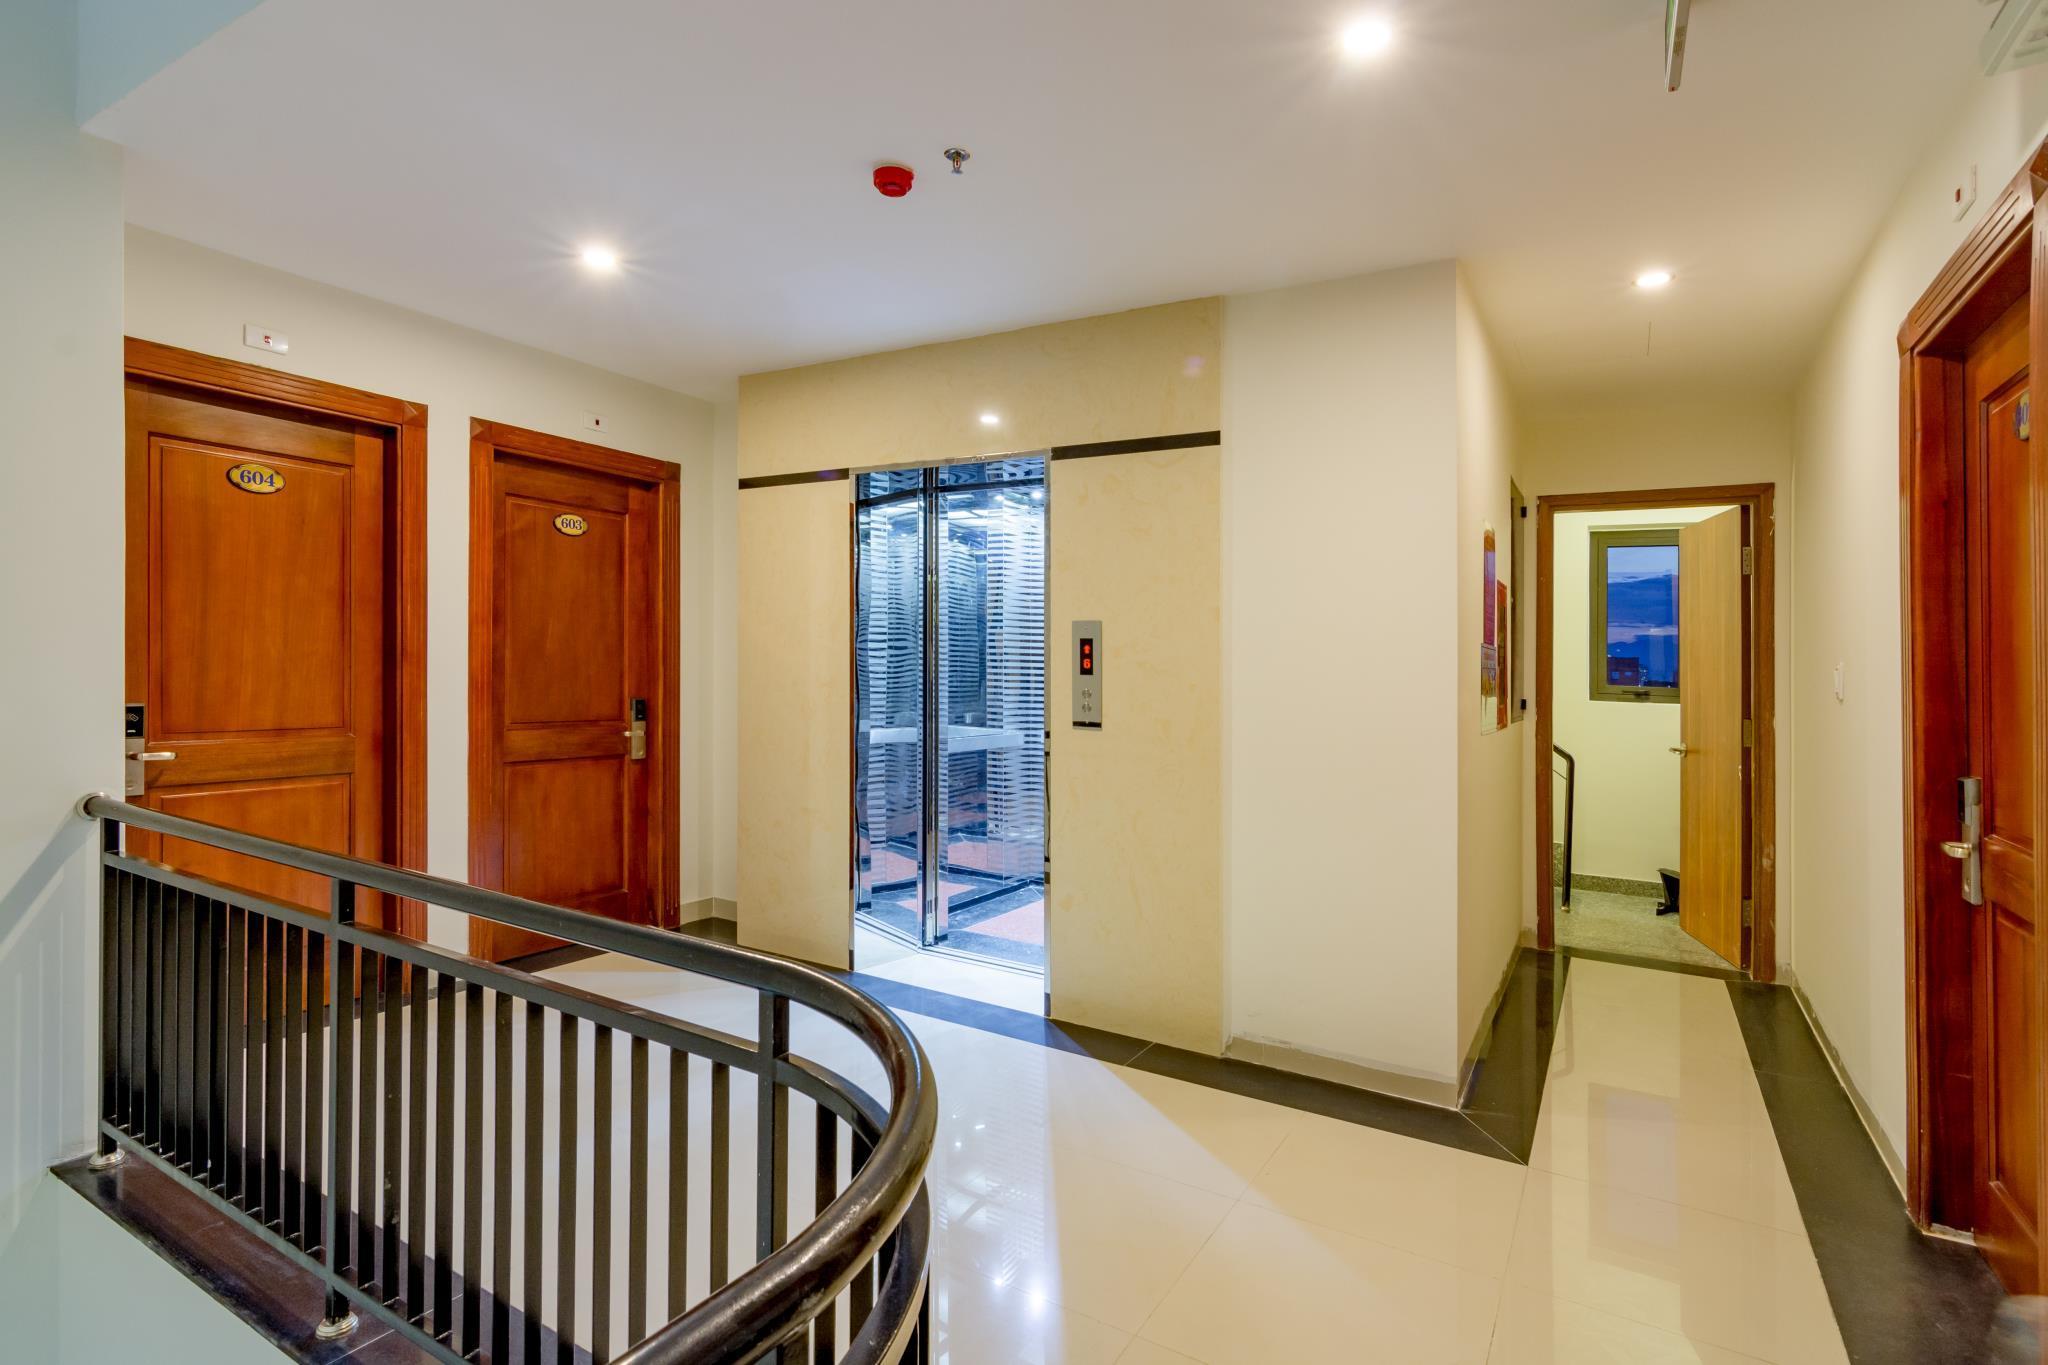 Salamander Hotel & Apartment